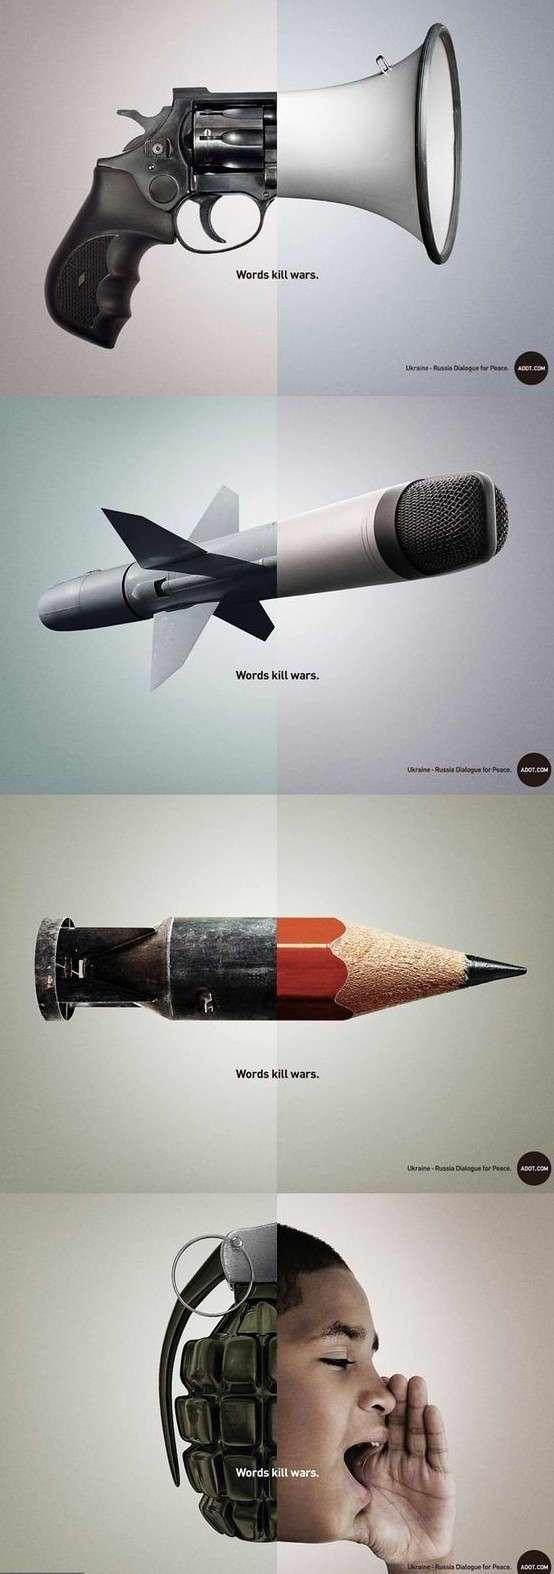 Шедевры социальной рекламы (22 фото)